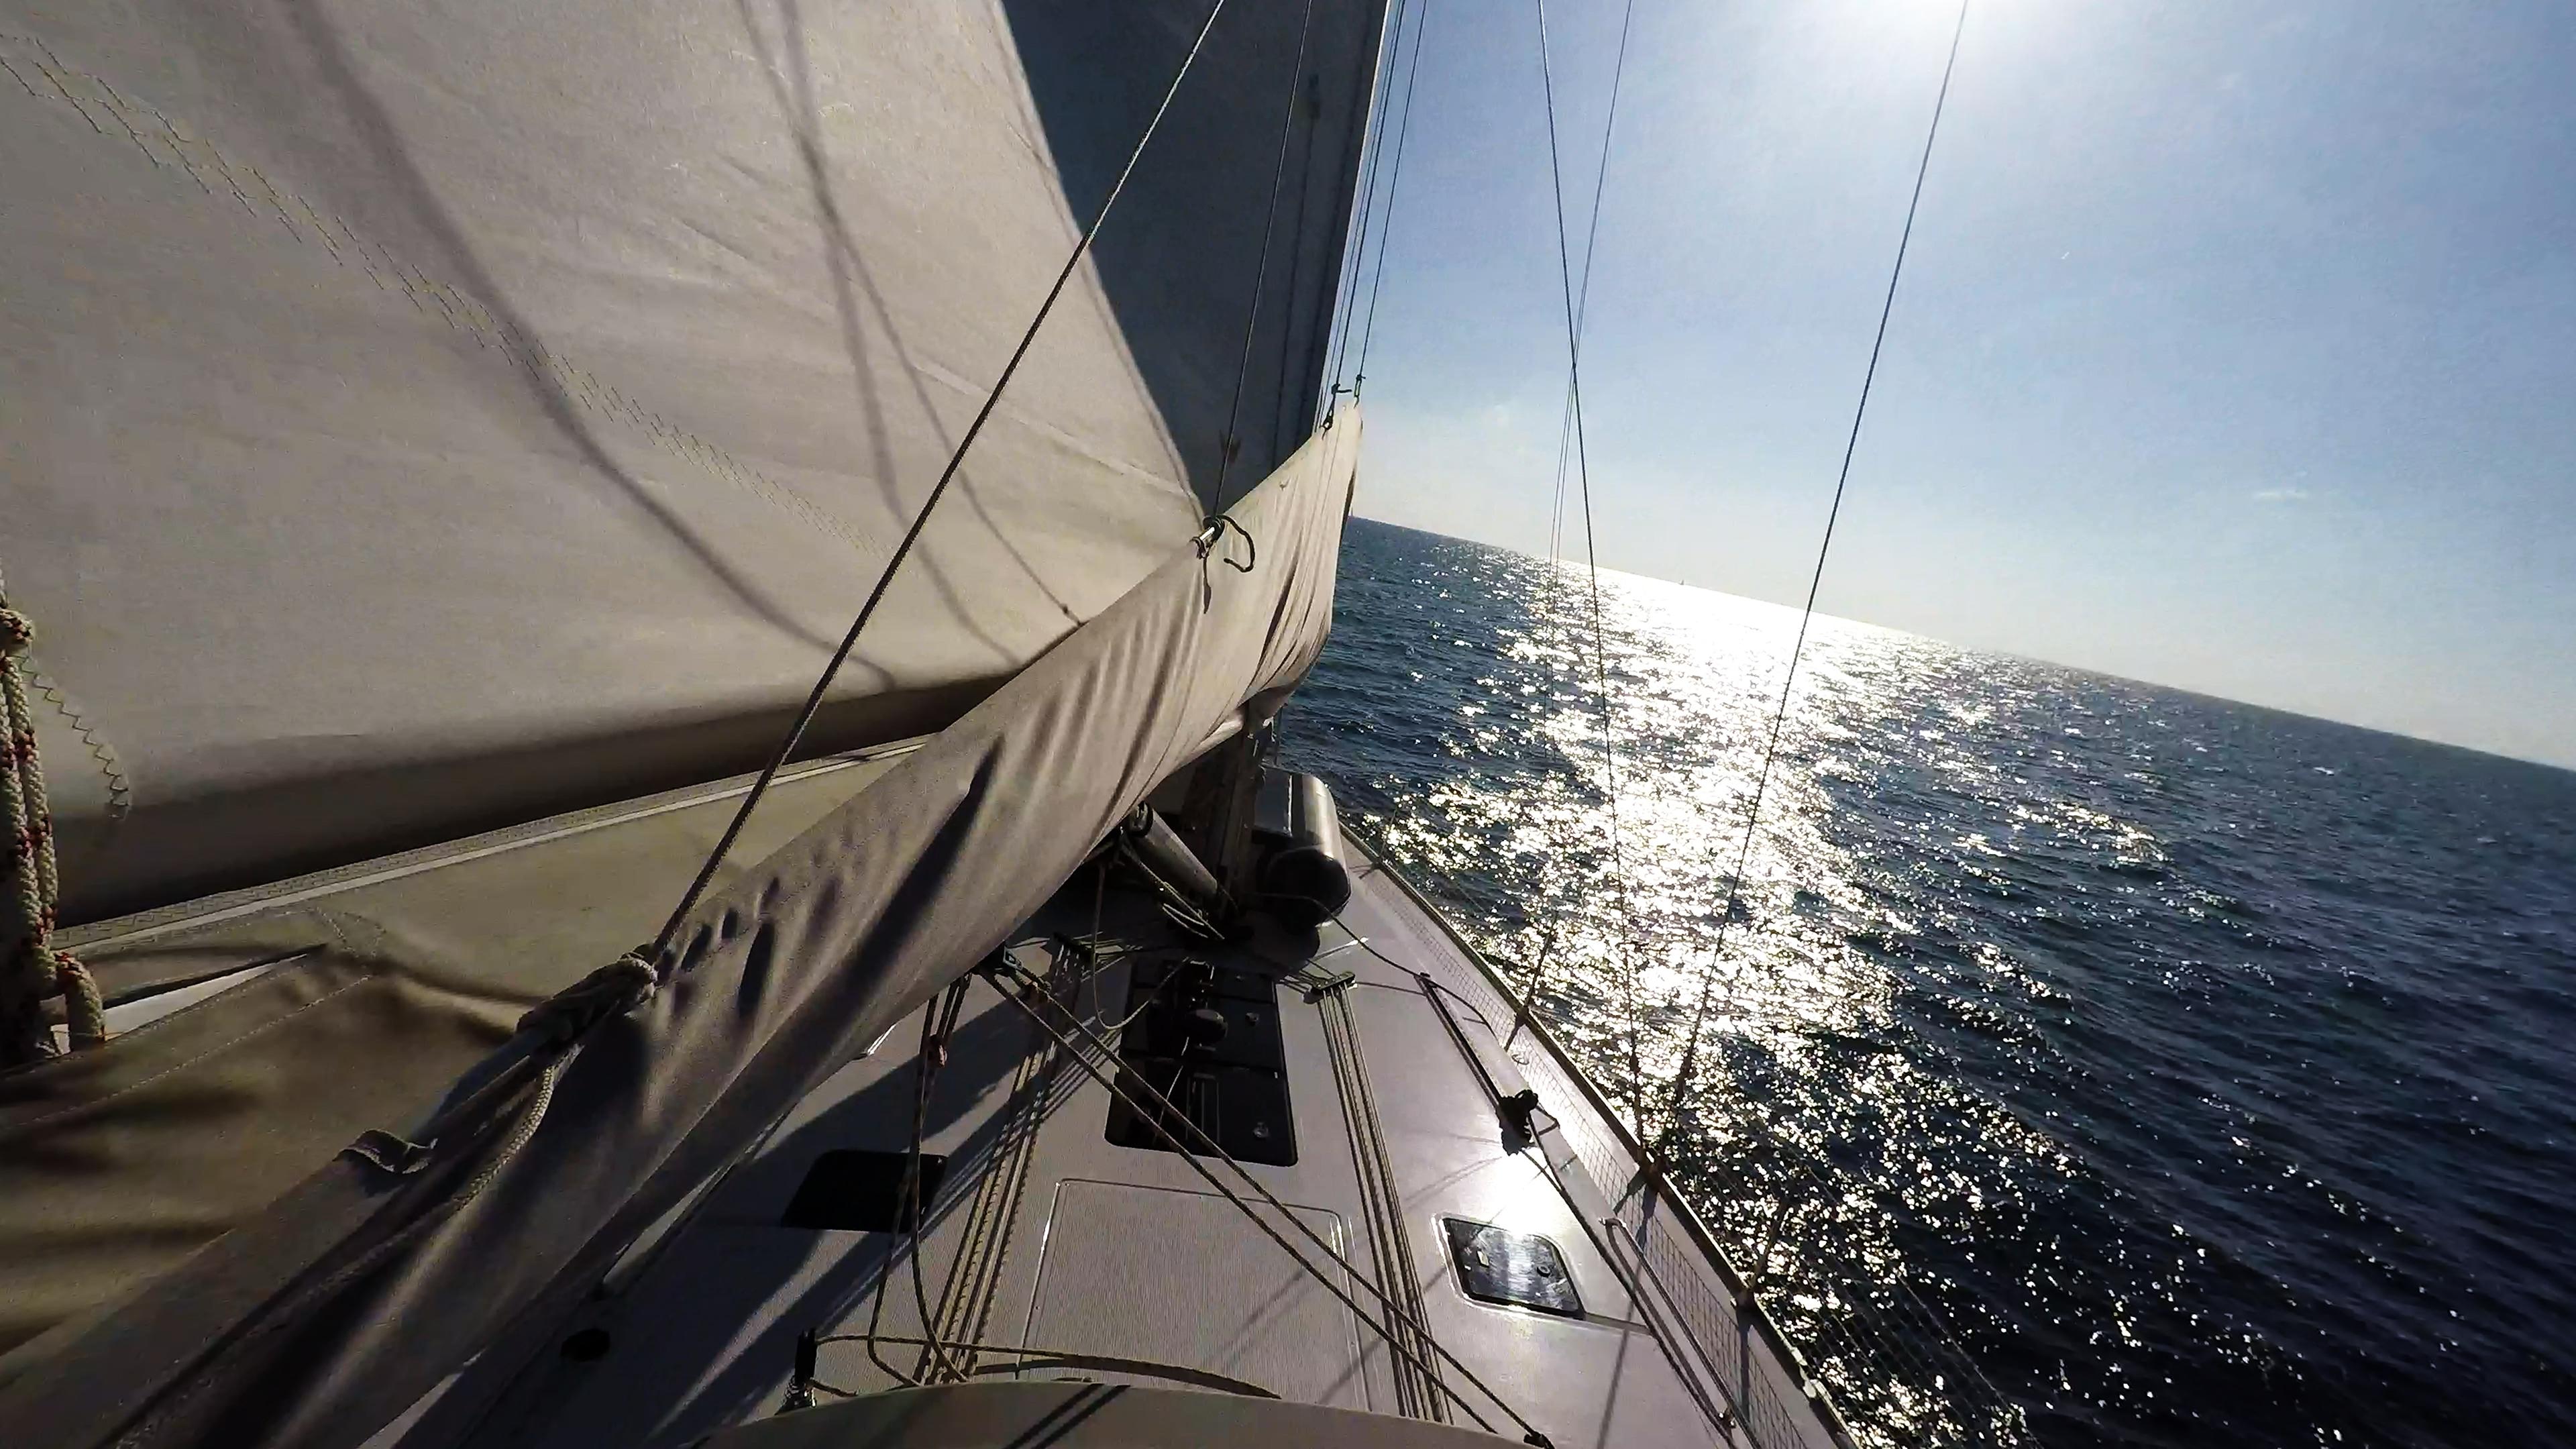 barcha a vela navigando verso orizzonte prua della barca a vela albero vela